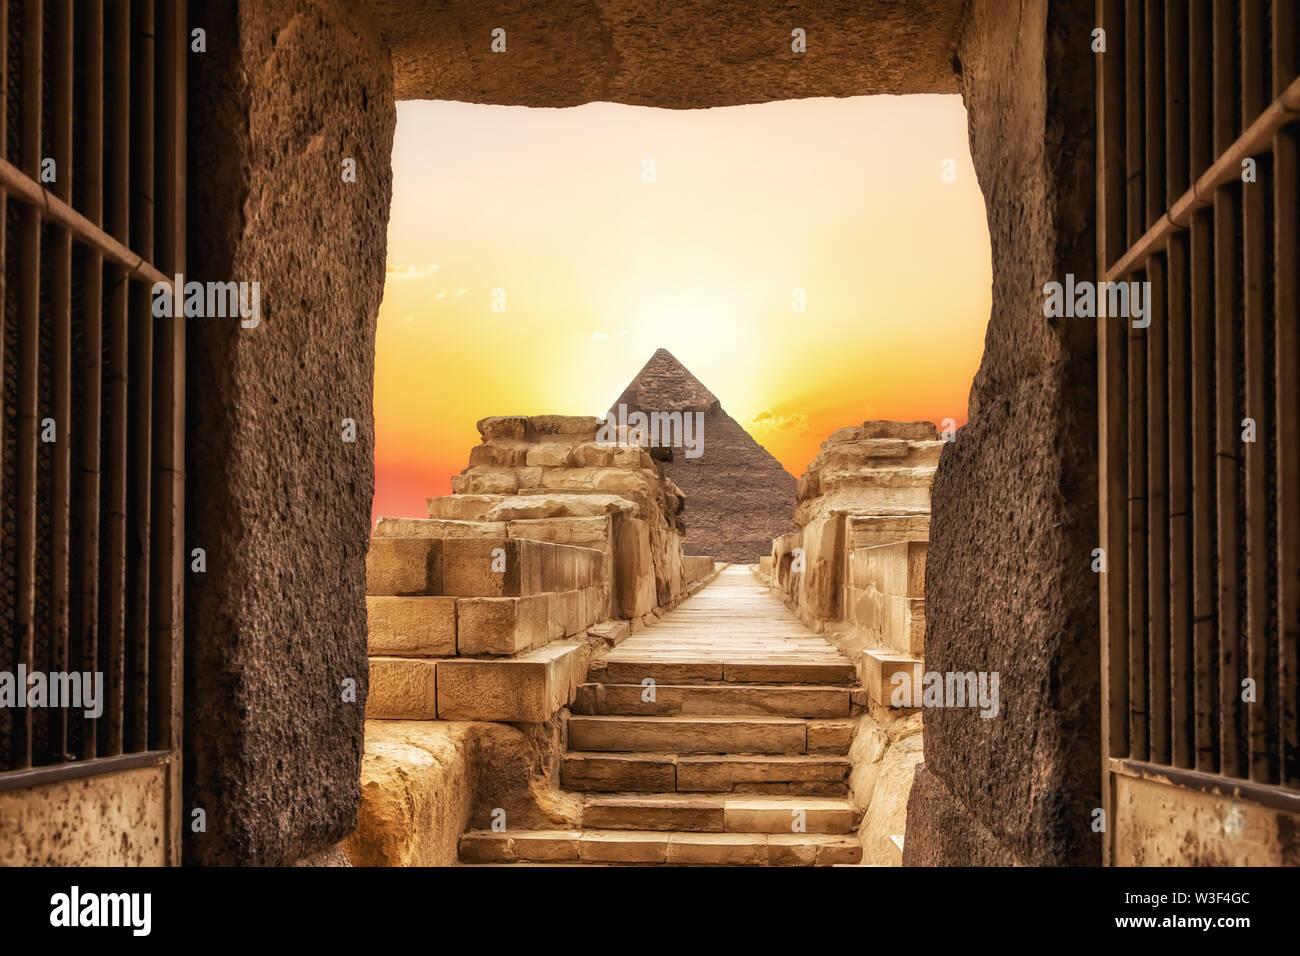 Le Temple de Khephren et la pyramide de Khéphren, Giza, Egypte. Photo Stock